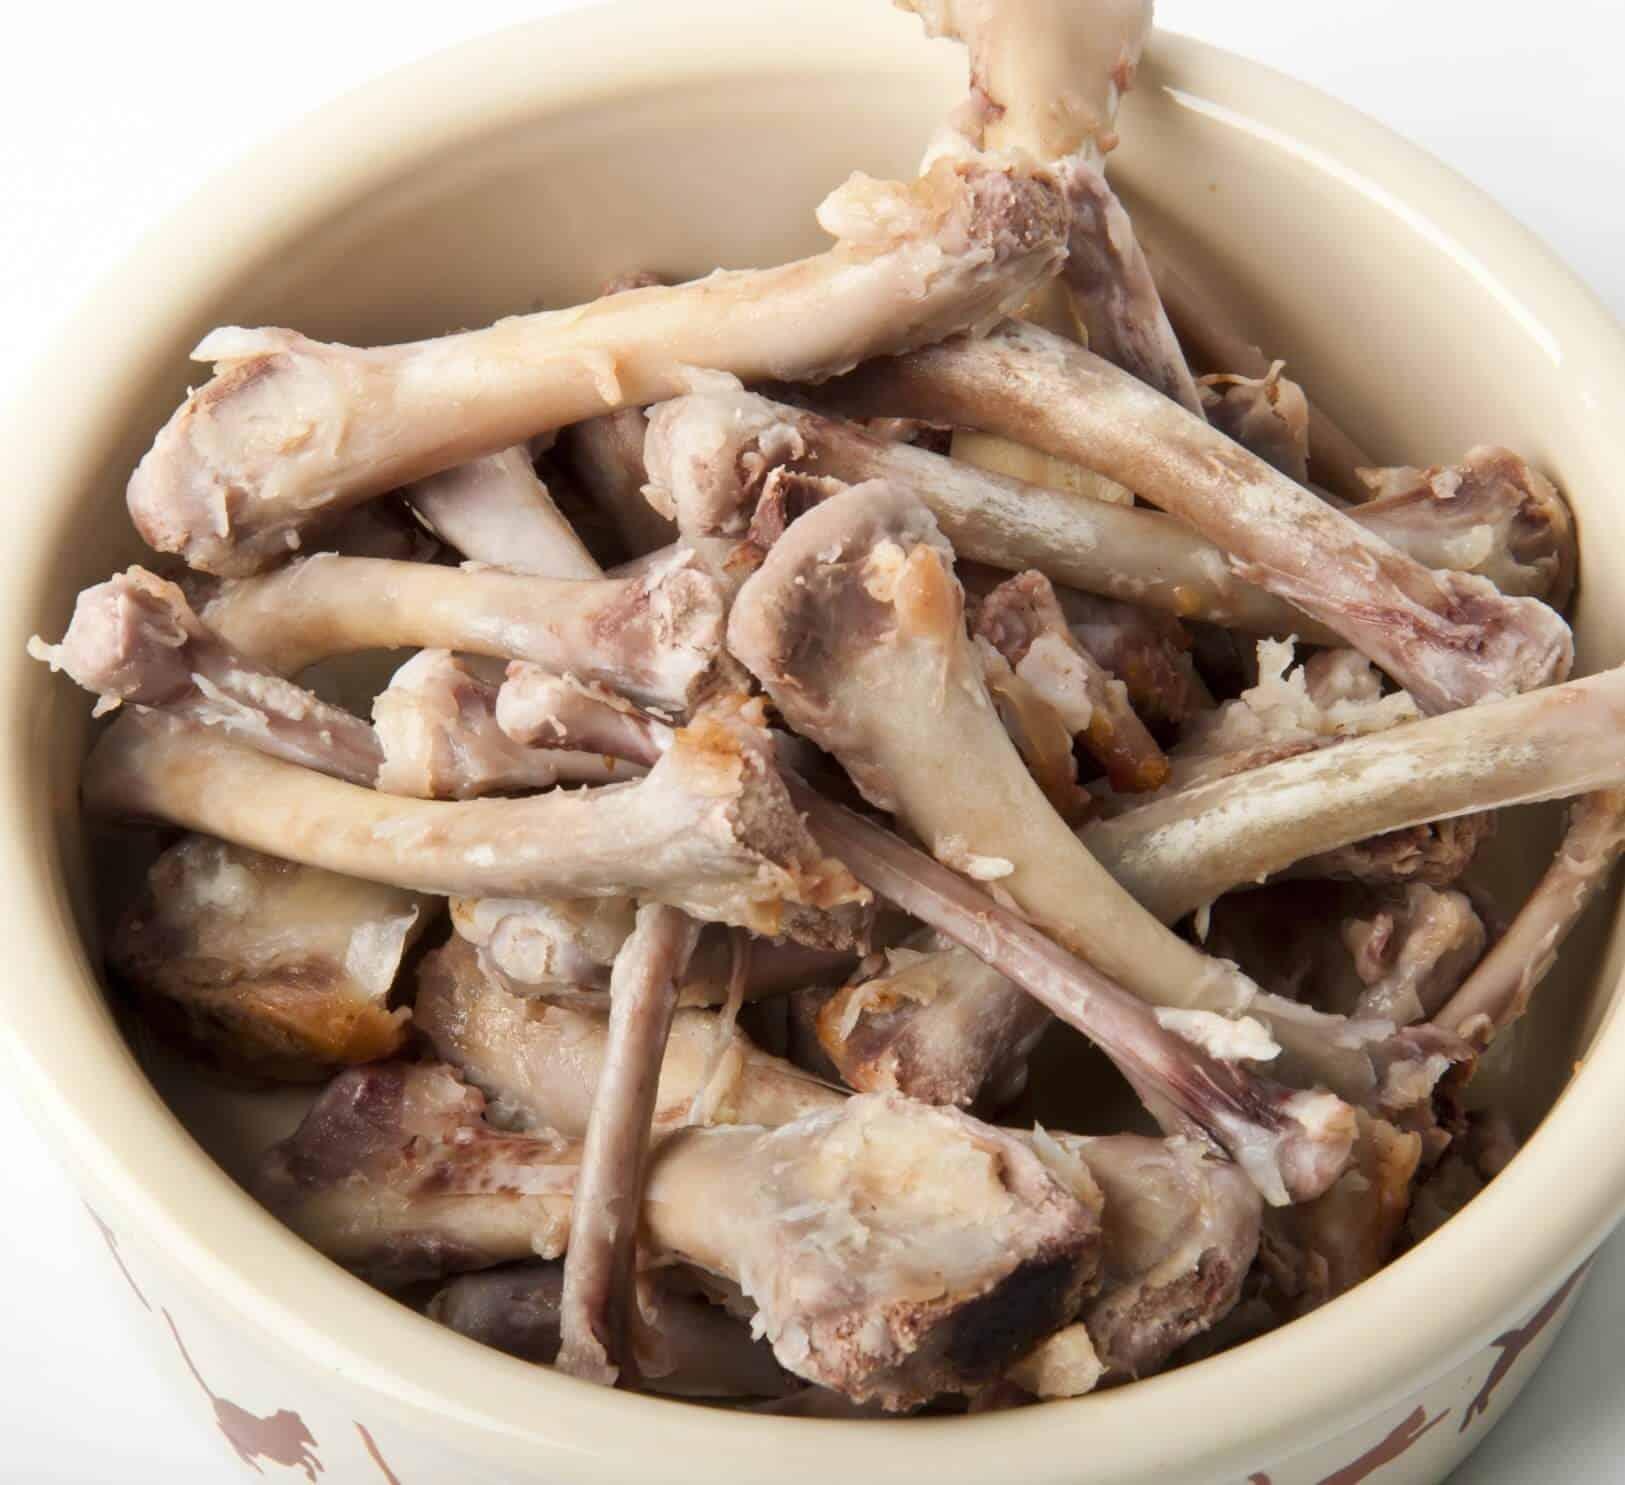 Can A Cat Eat Chicken Bones